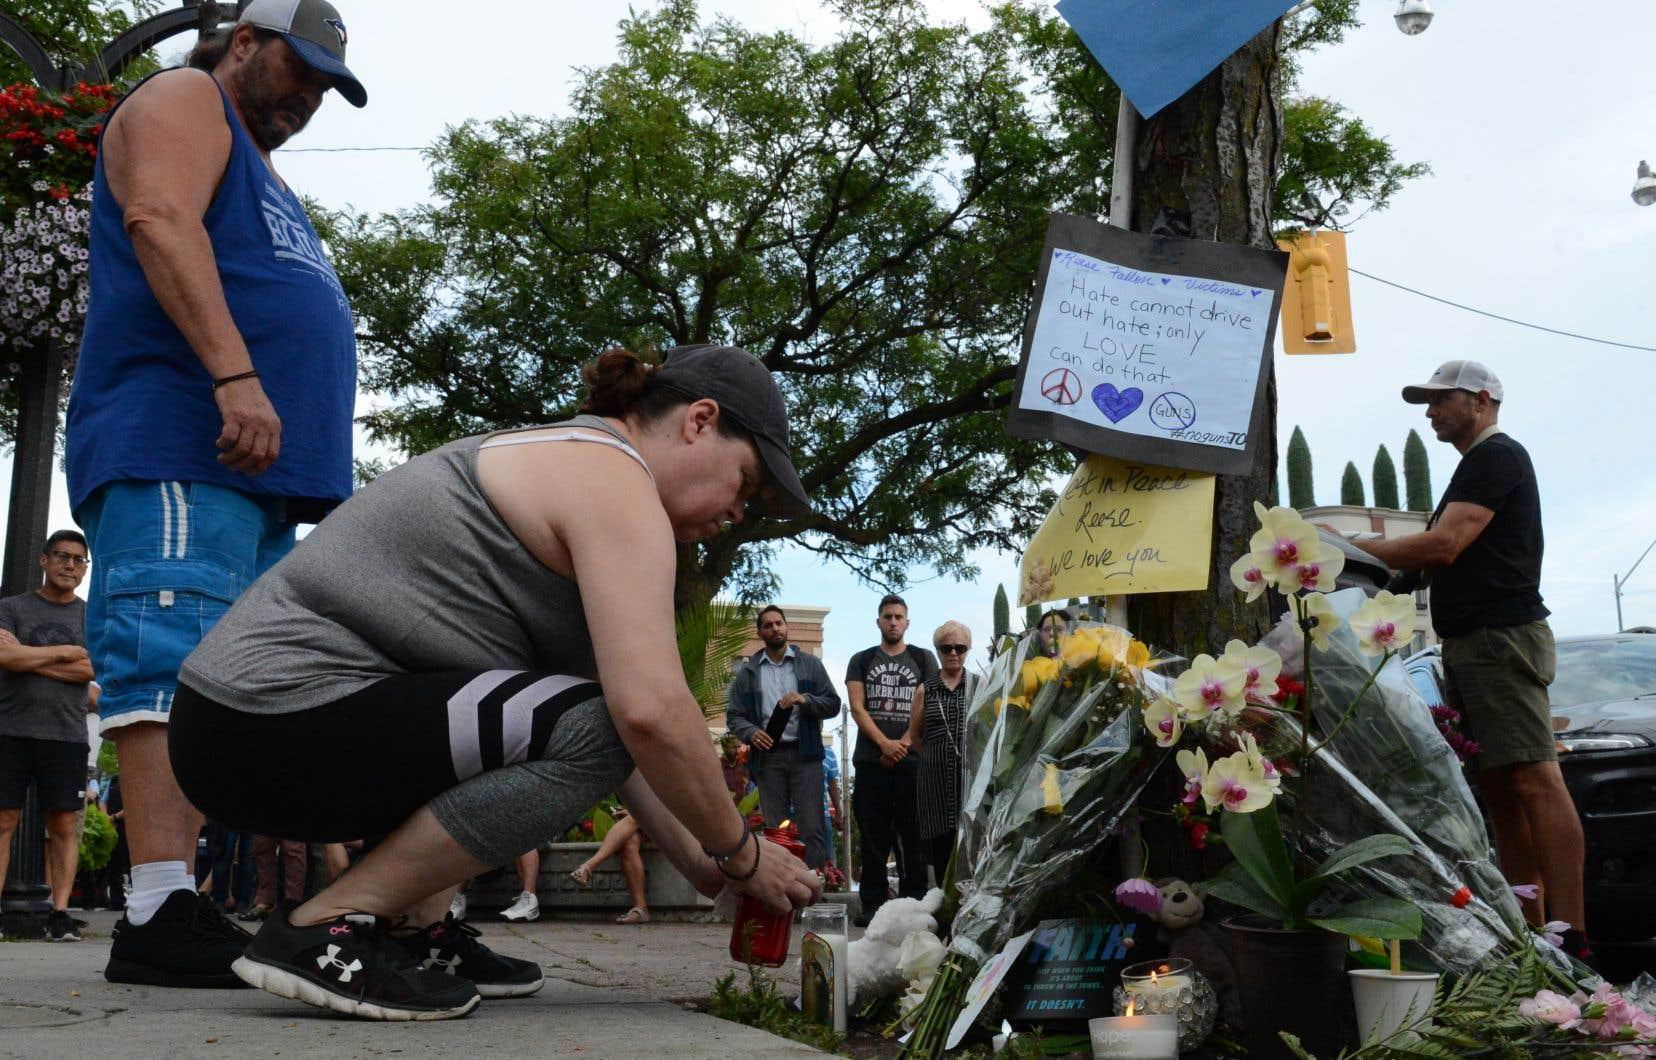 Lorsque des tueries comme celle ayant eu lieu à Toronto surviennent, prompts sont de nombreux individus à brandir le spectre de la folie pour expliquer ces crimes. Ce type de raccourci intellectuel rate sa cible.